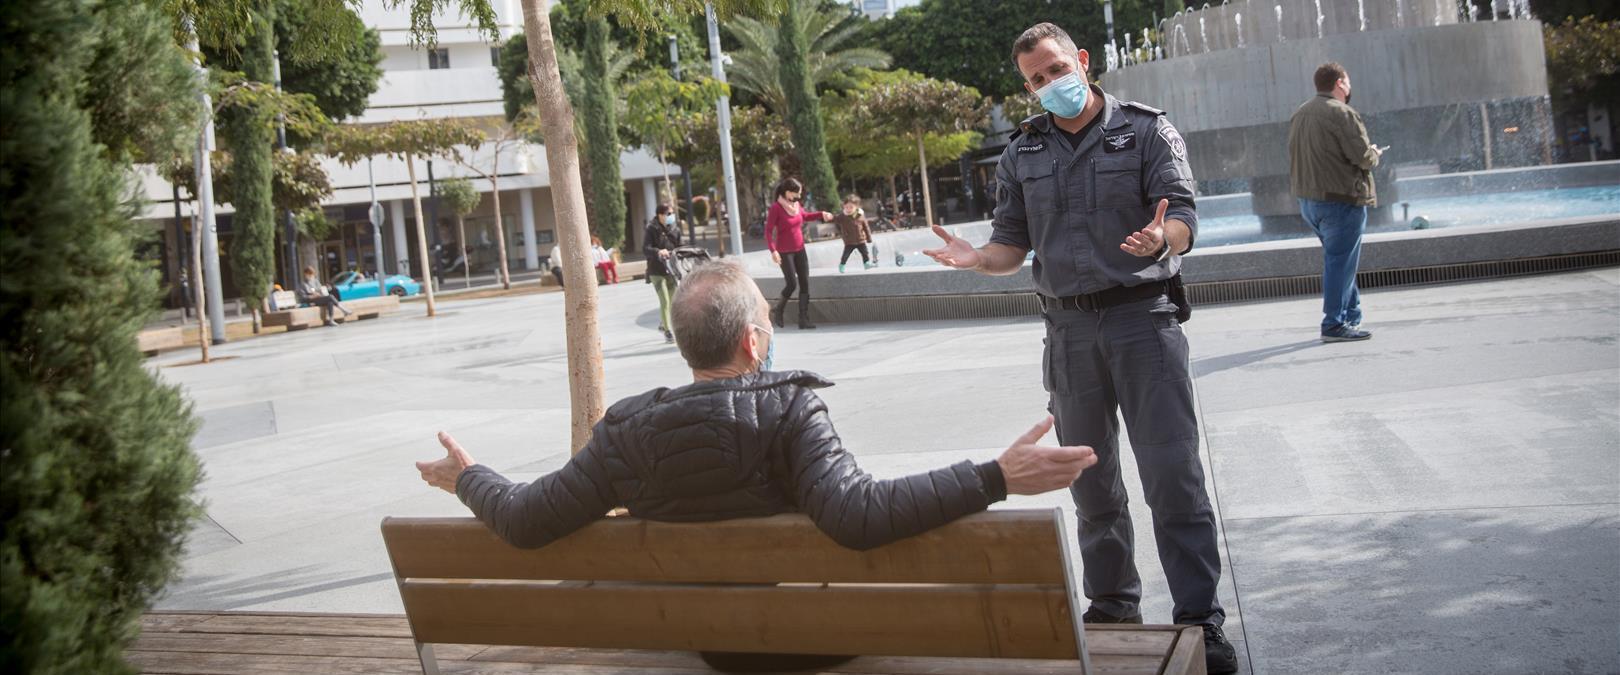 אכיפת הקורונה בתל אביב